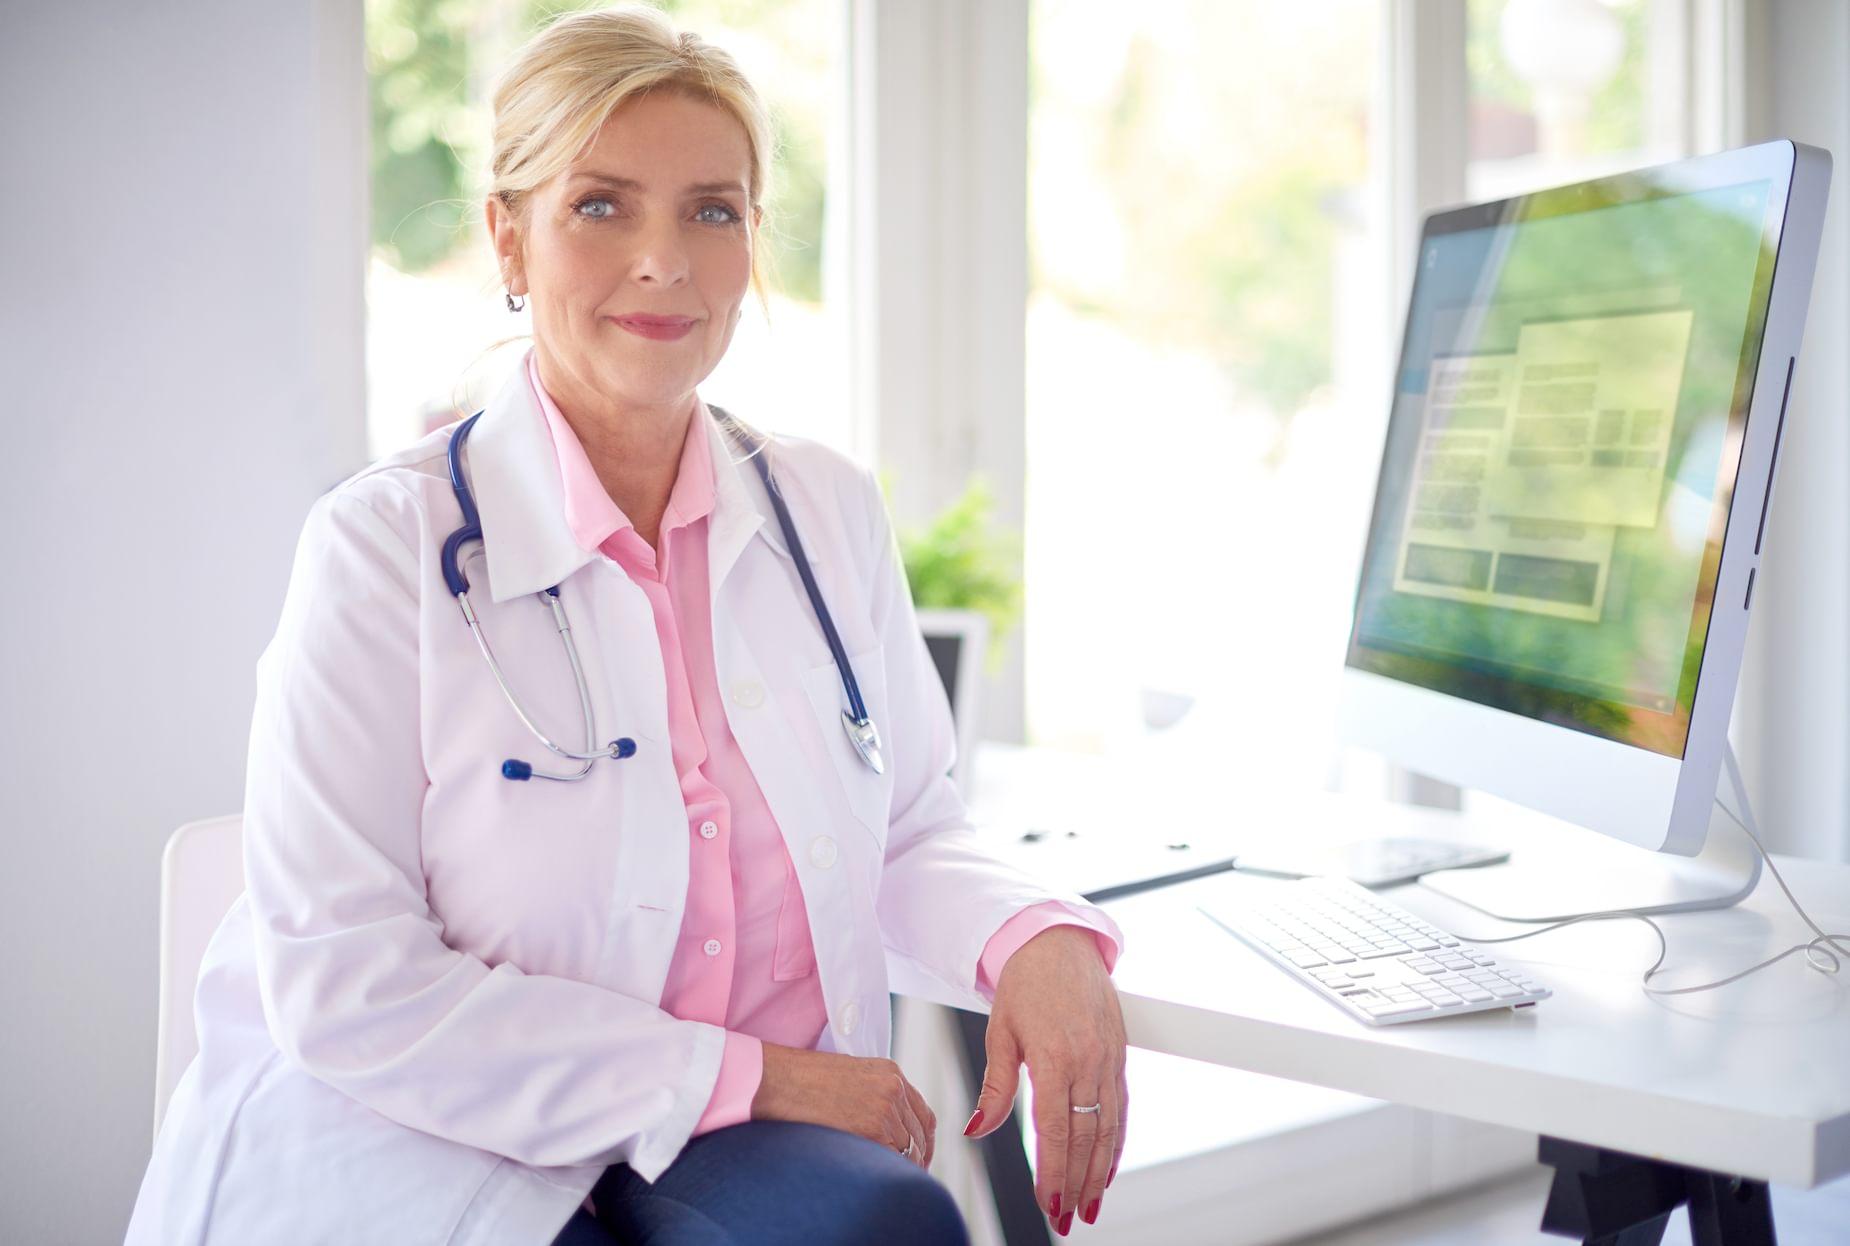 Cyberkriminalität in Arztpraxen